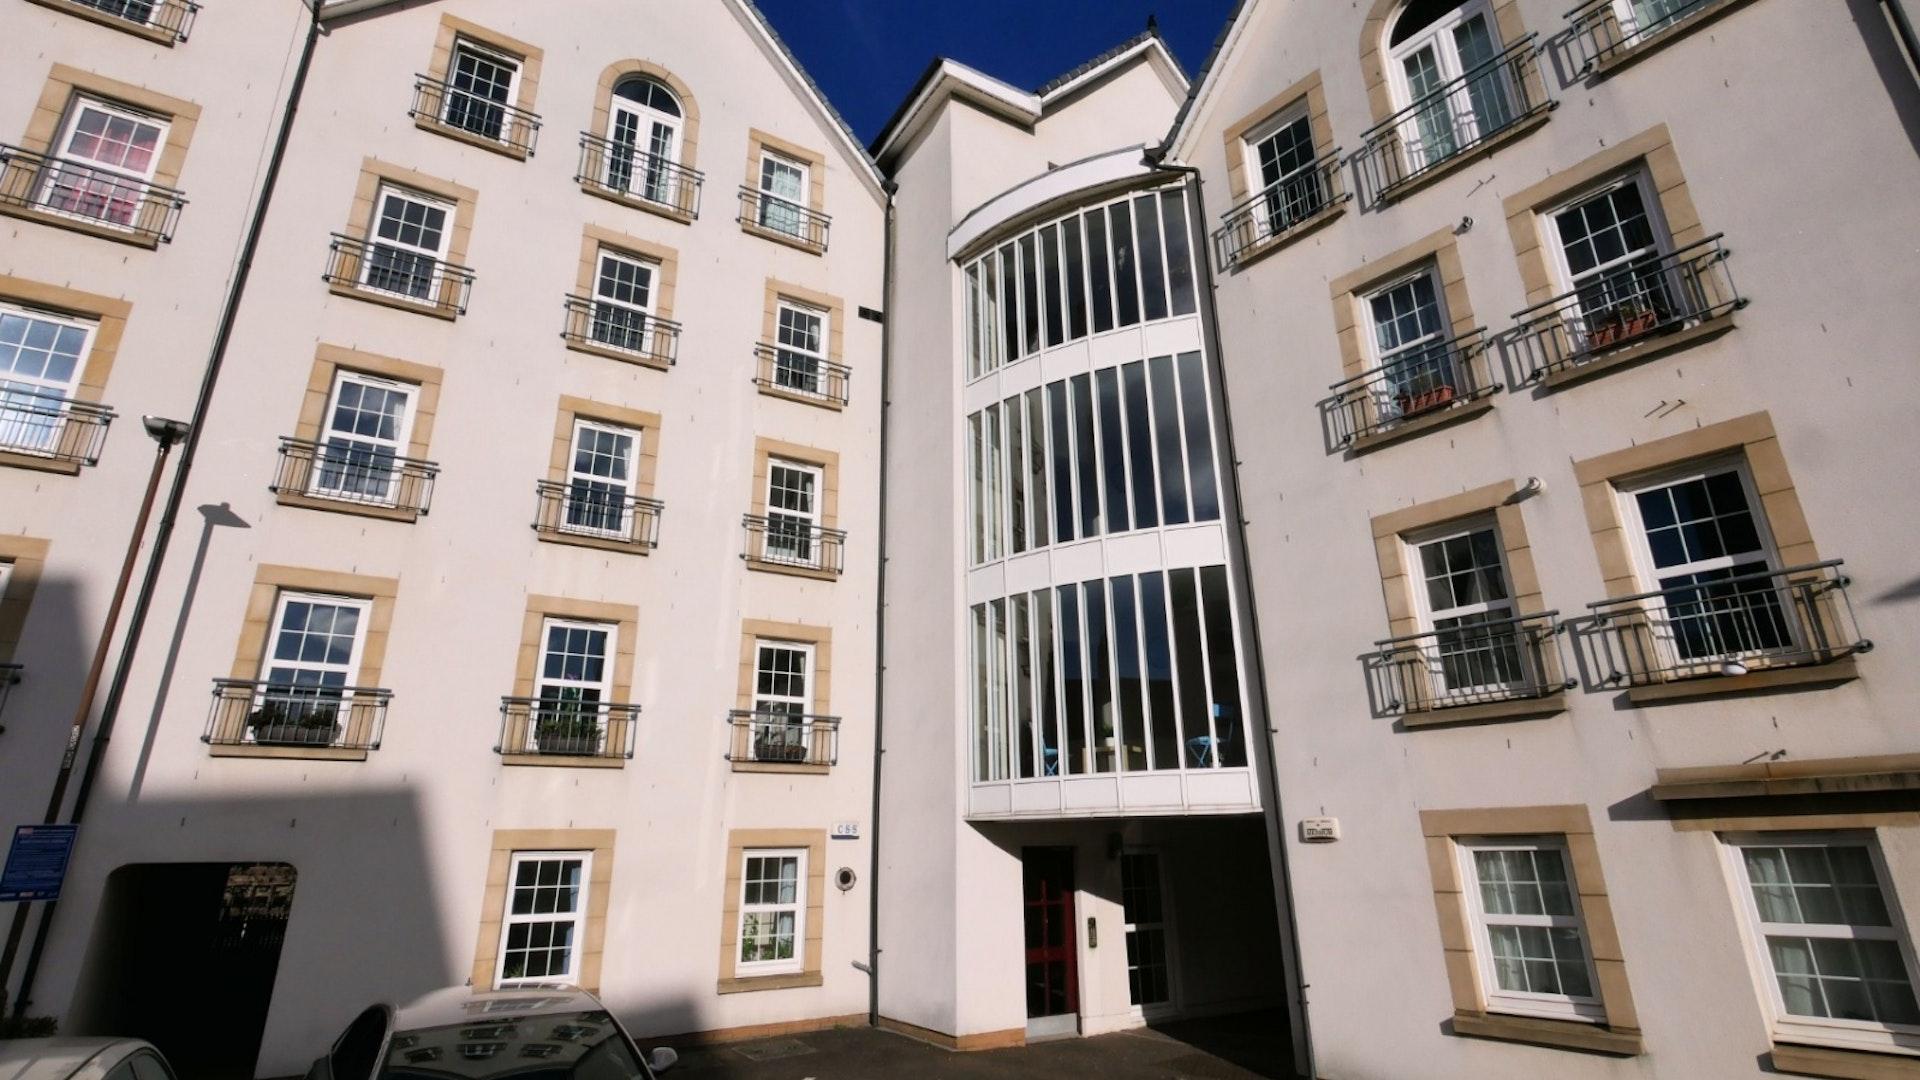 P98: Dalry Gait, Haymarket, Edinburgh